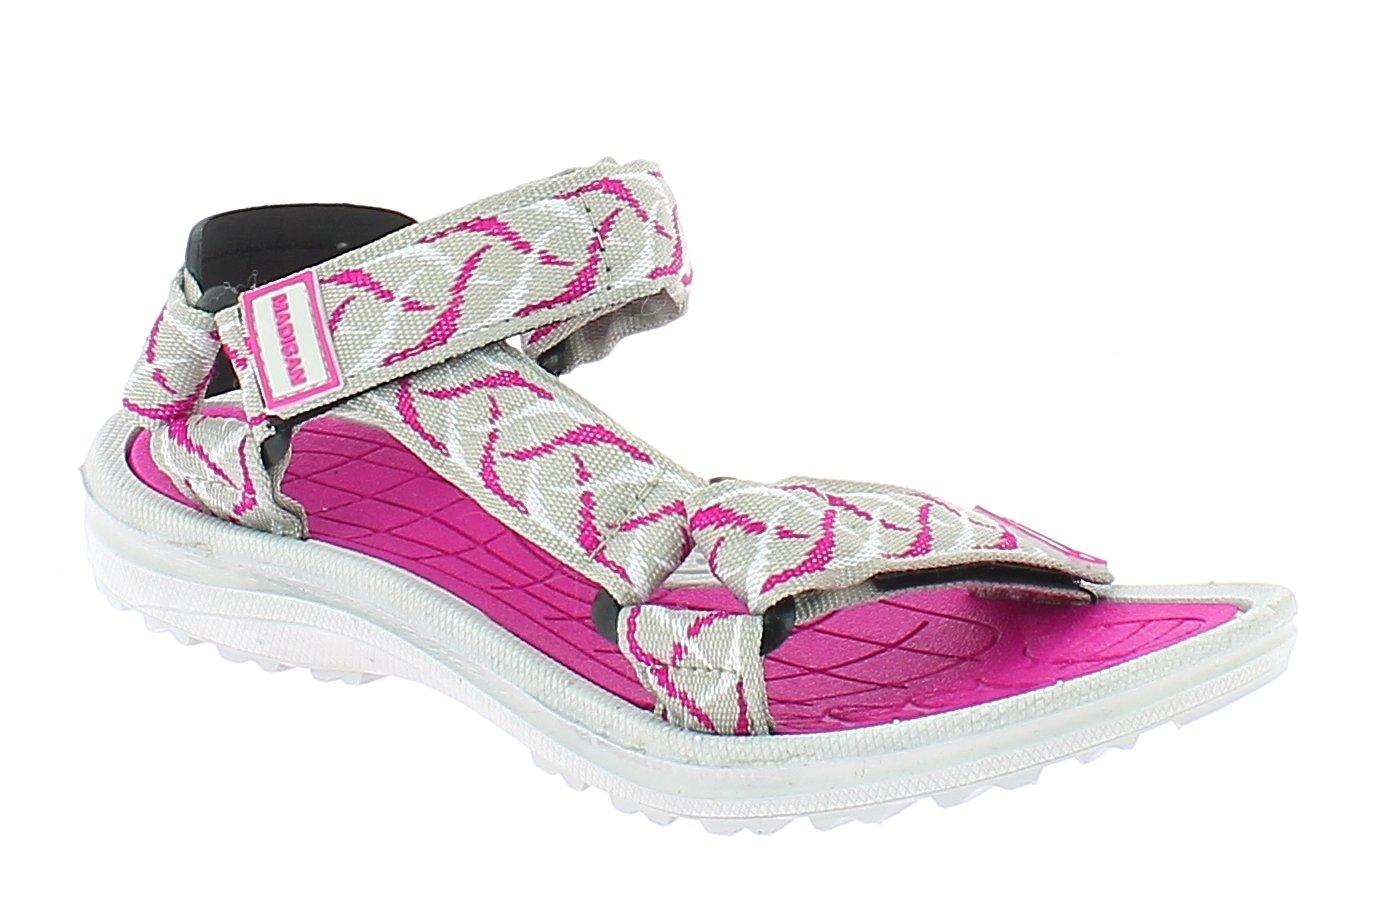 MADIGAN Γυναικείο Πέδιλο SIVA Φούξια - IqShoes - SIVA ASS B FUXIA-fuxia-36/1/60/ παπούτσια  πέδιλα